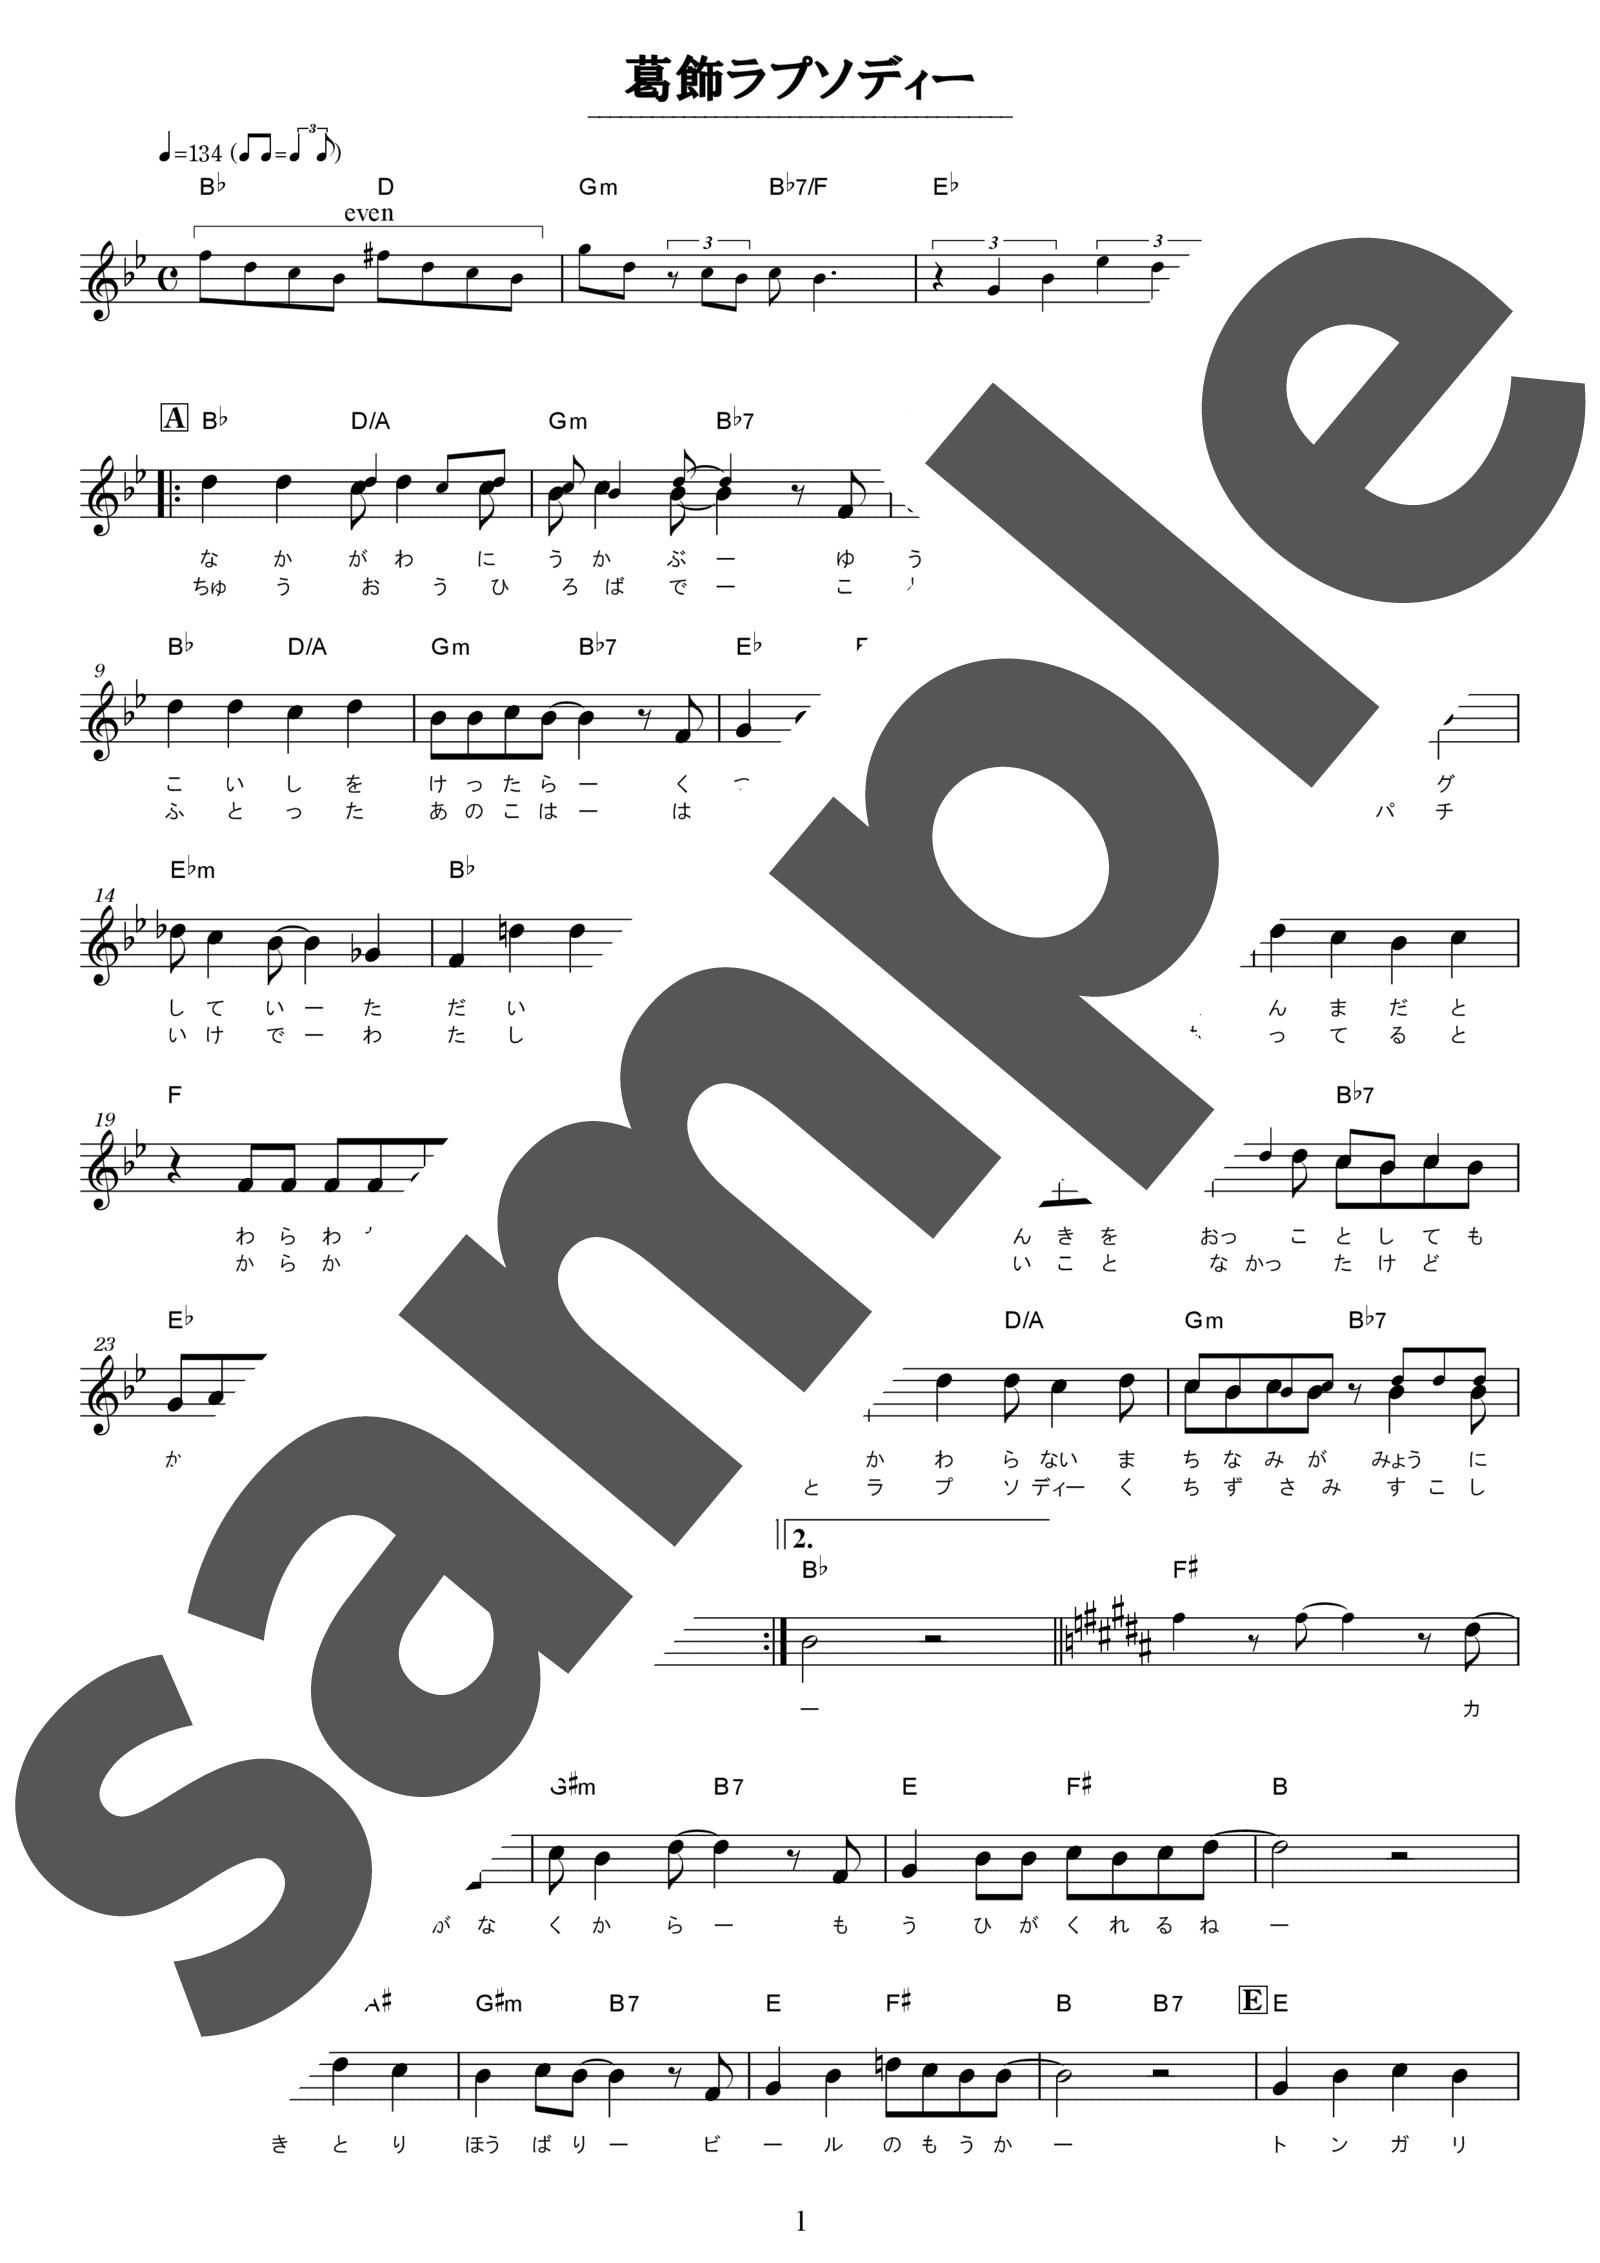 「葛飾ラプソディー」のサンプル楽譜